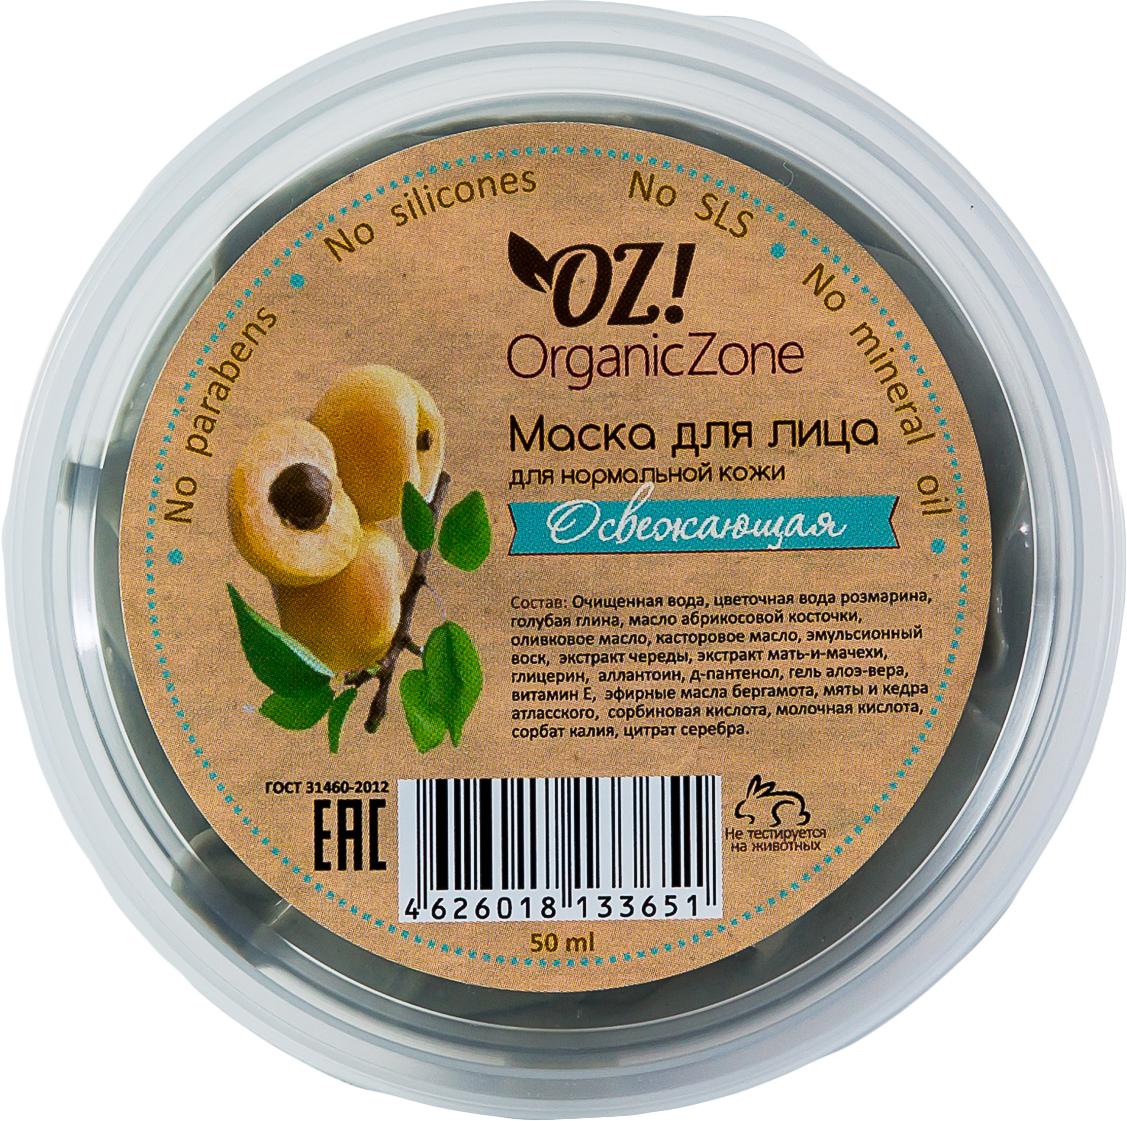 OrganicZone Маска для лица Освежающая, 50 мл дезодоранты organiczone дезодорант